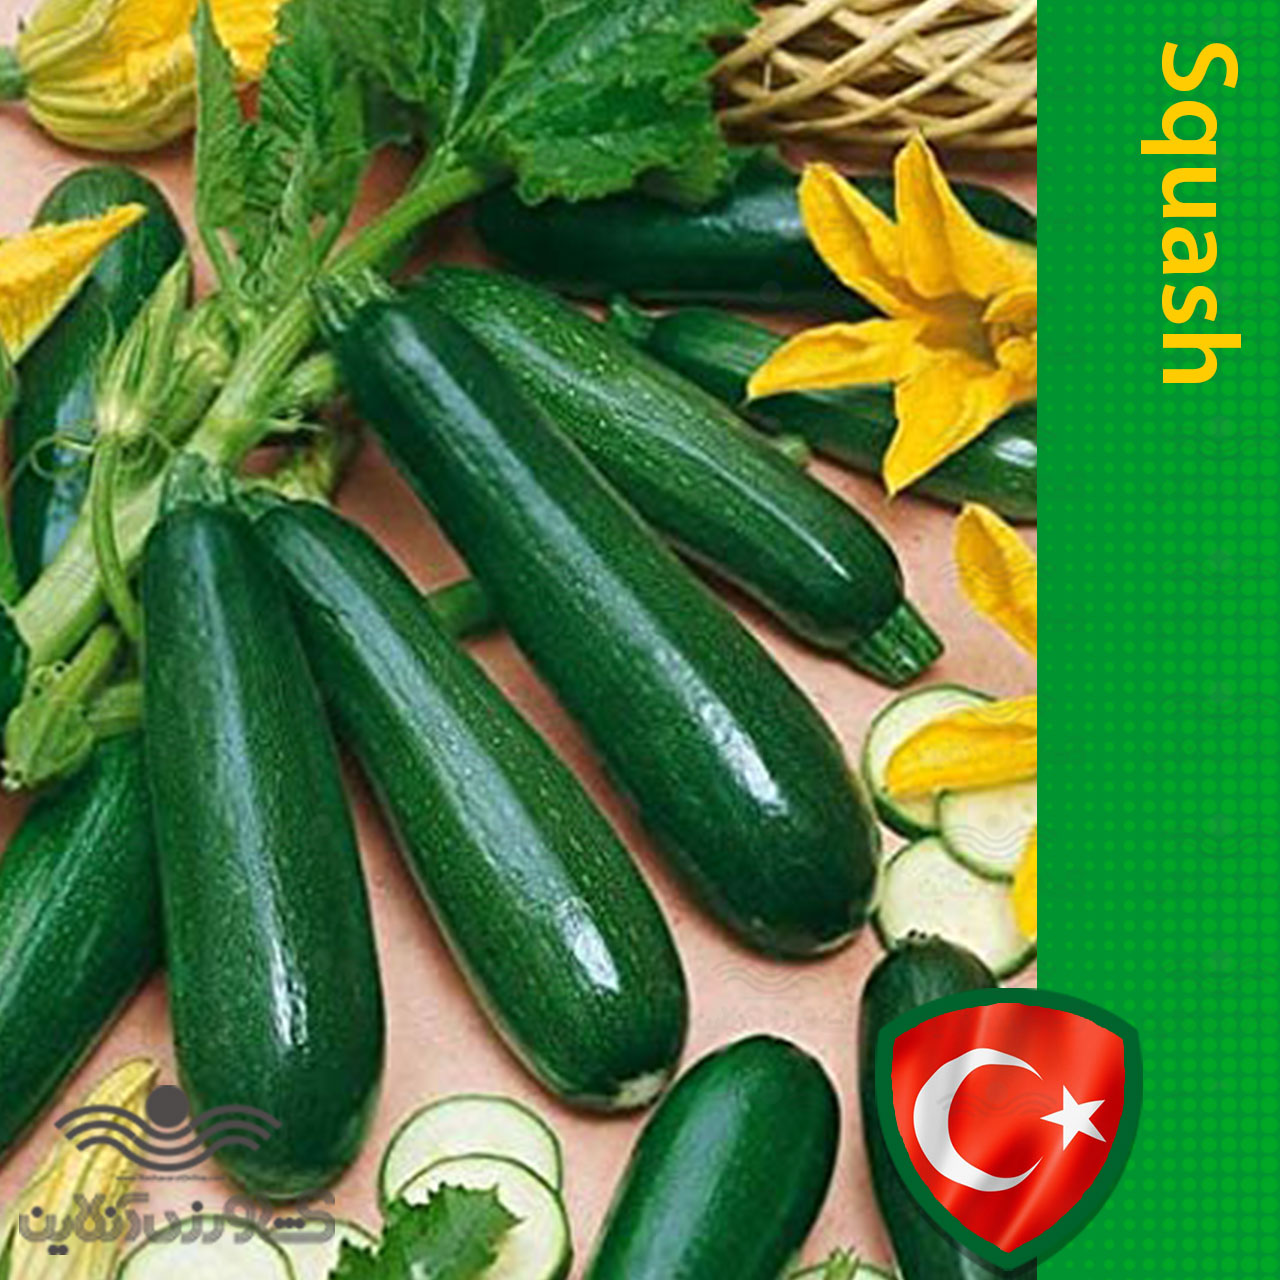 بذر کدو سبز تیره خانگی